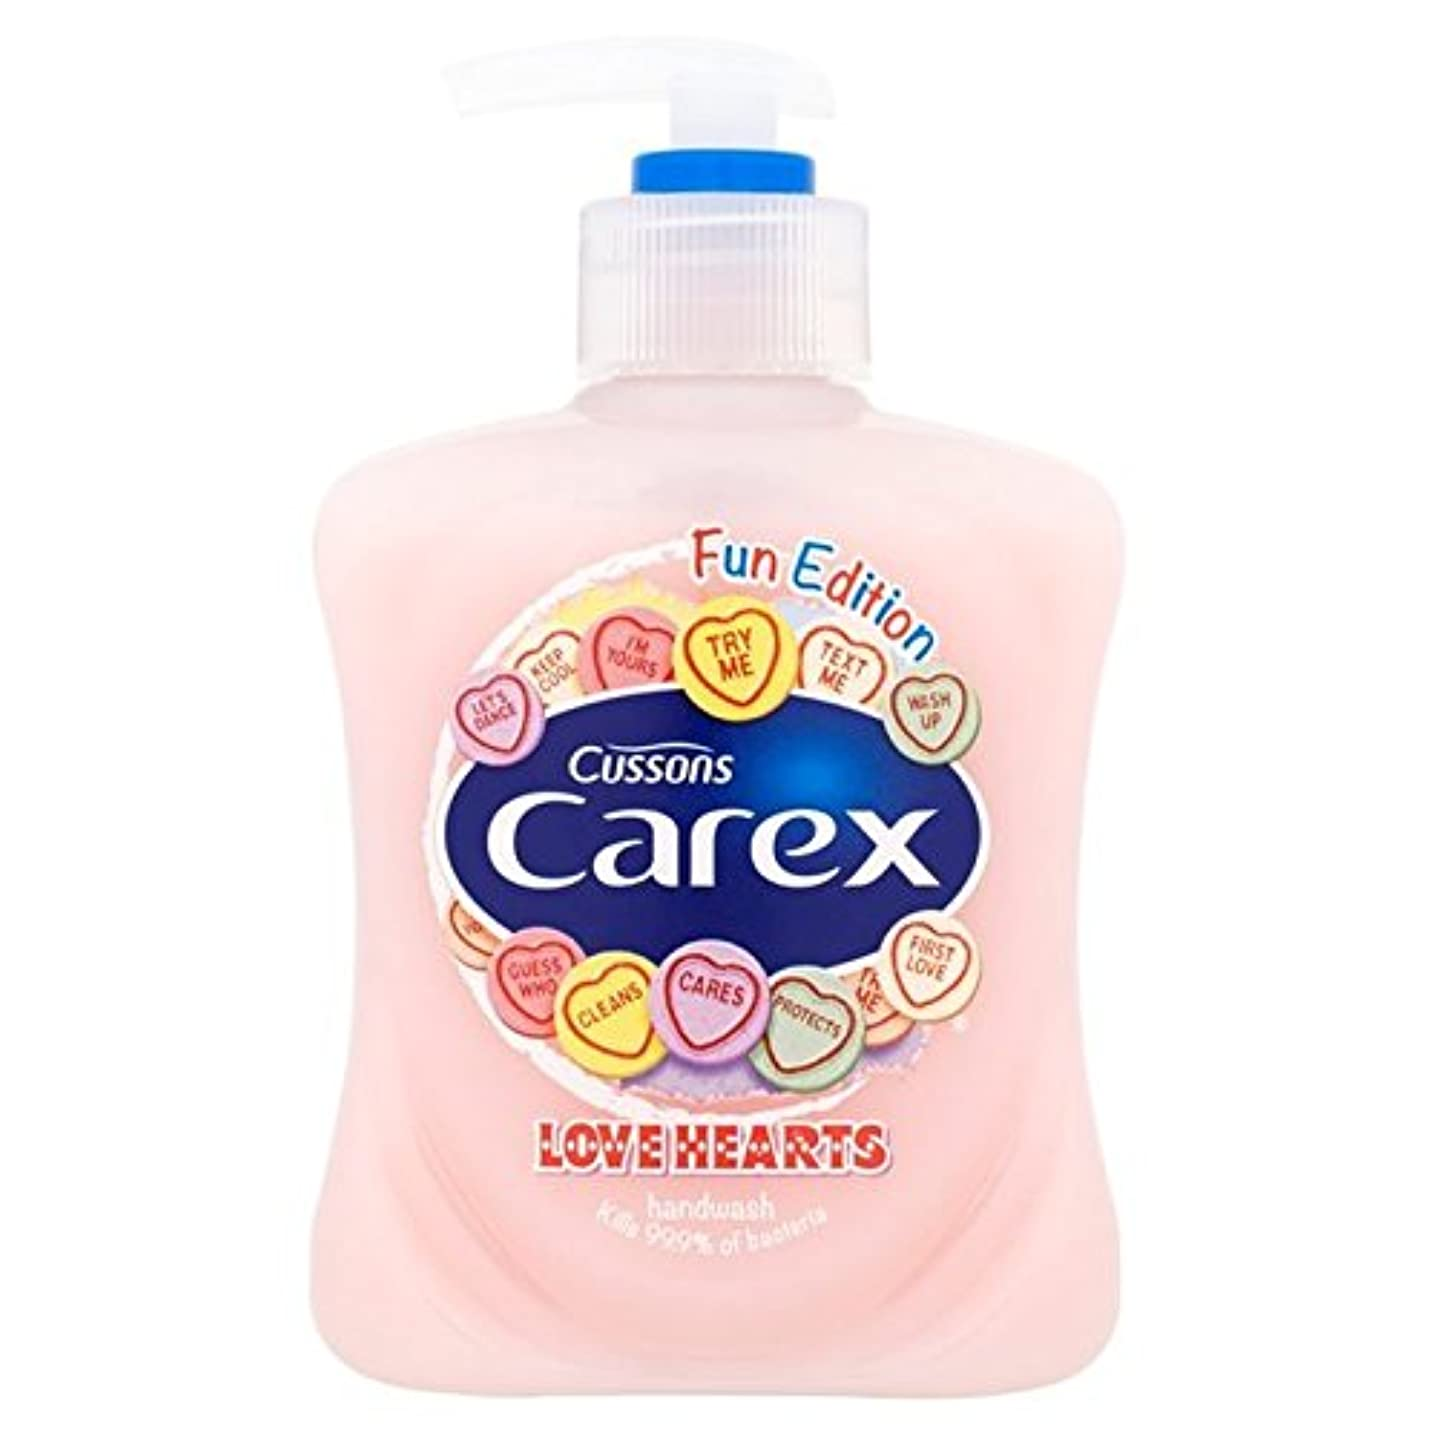 に涙家Carex Fun Edition Love Hearts Hand Wash 250ml - スゲ楽しい版愛の心のハンドウォッシュ250ミリリットル [並行輸入品]